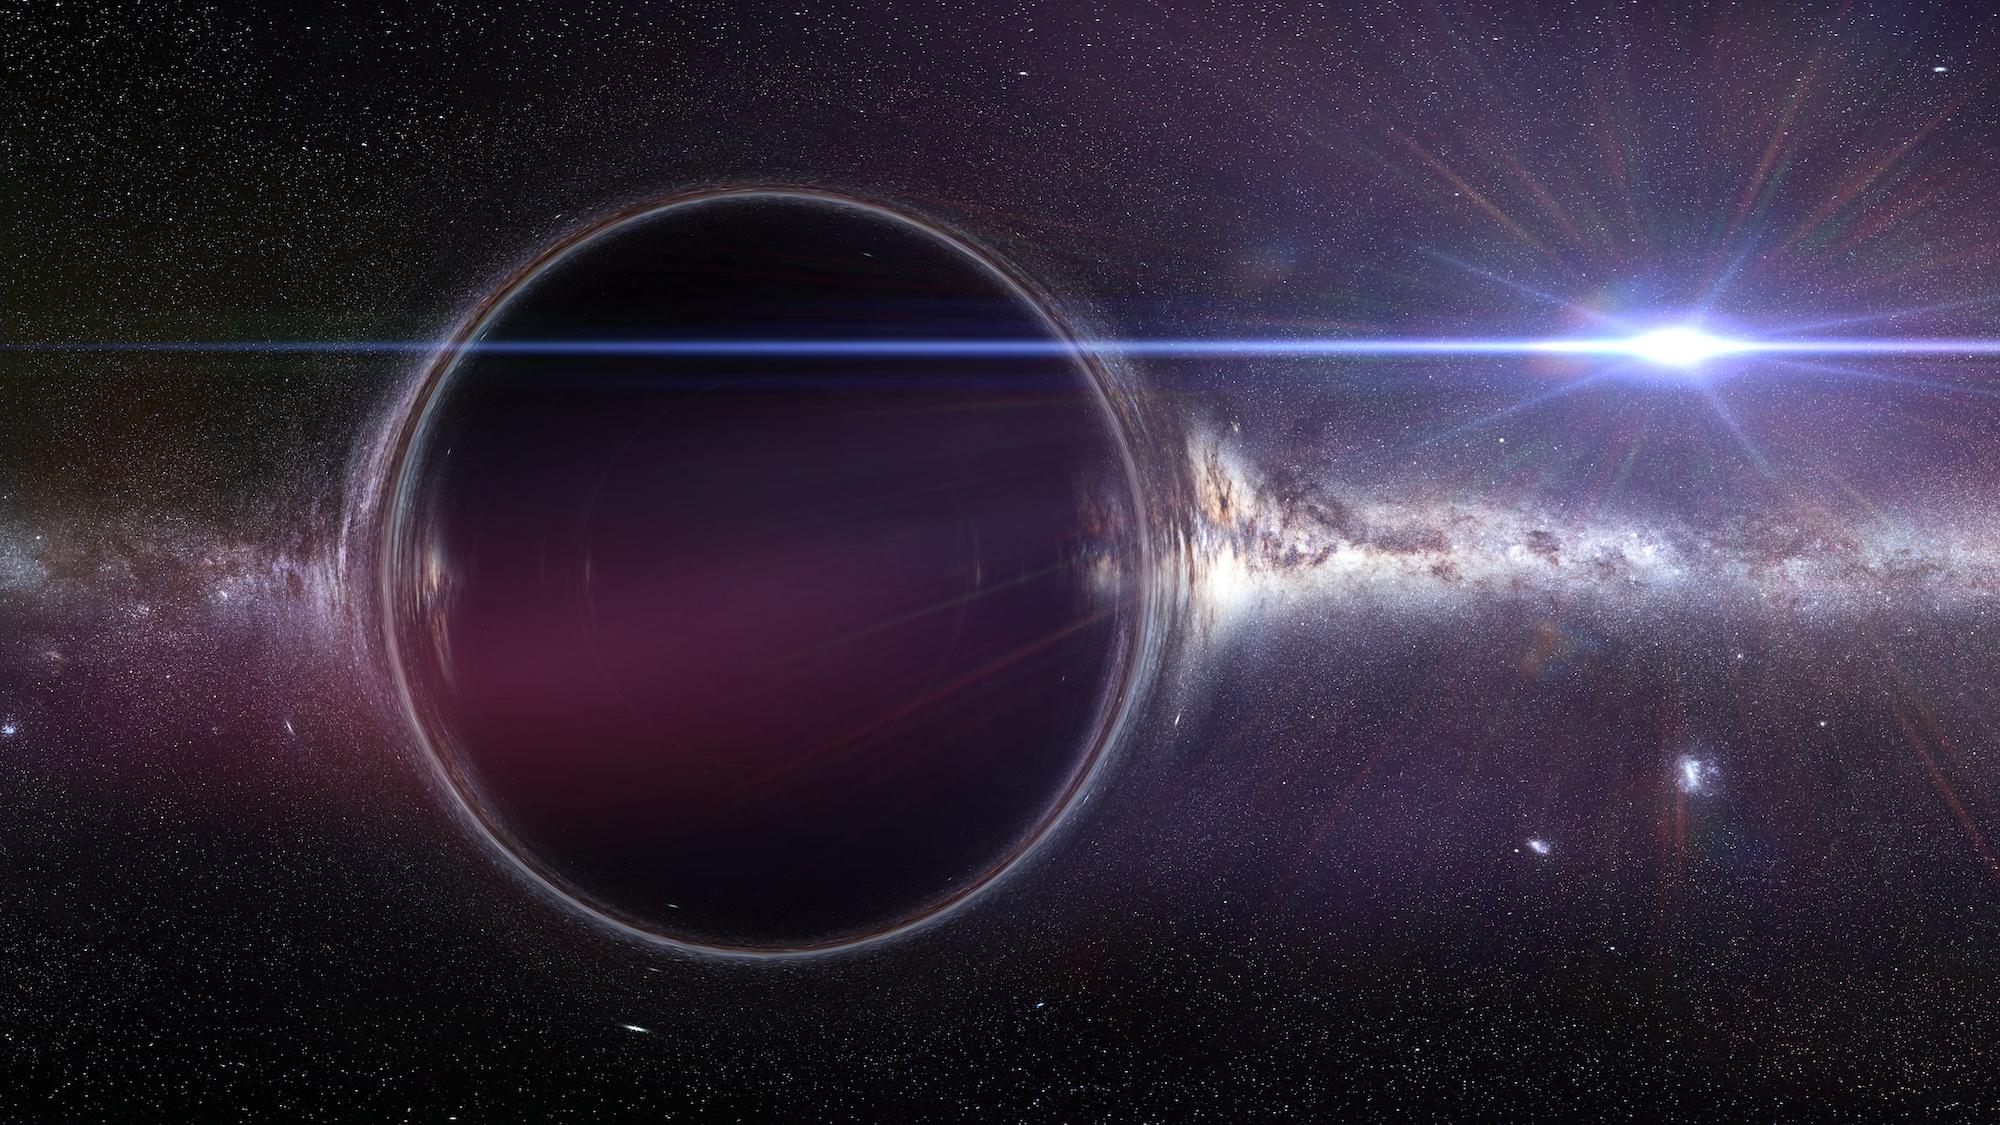 星系大小的巨型黑洞示意圖。(ShutterStock)